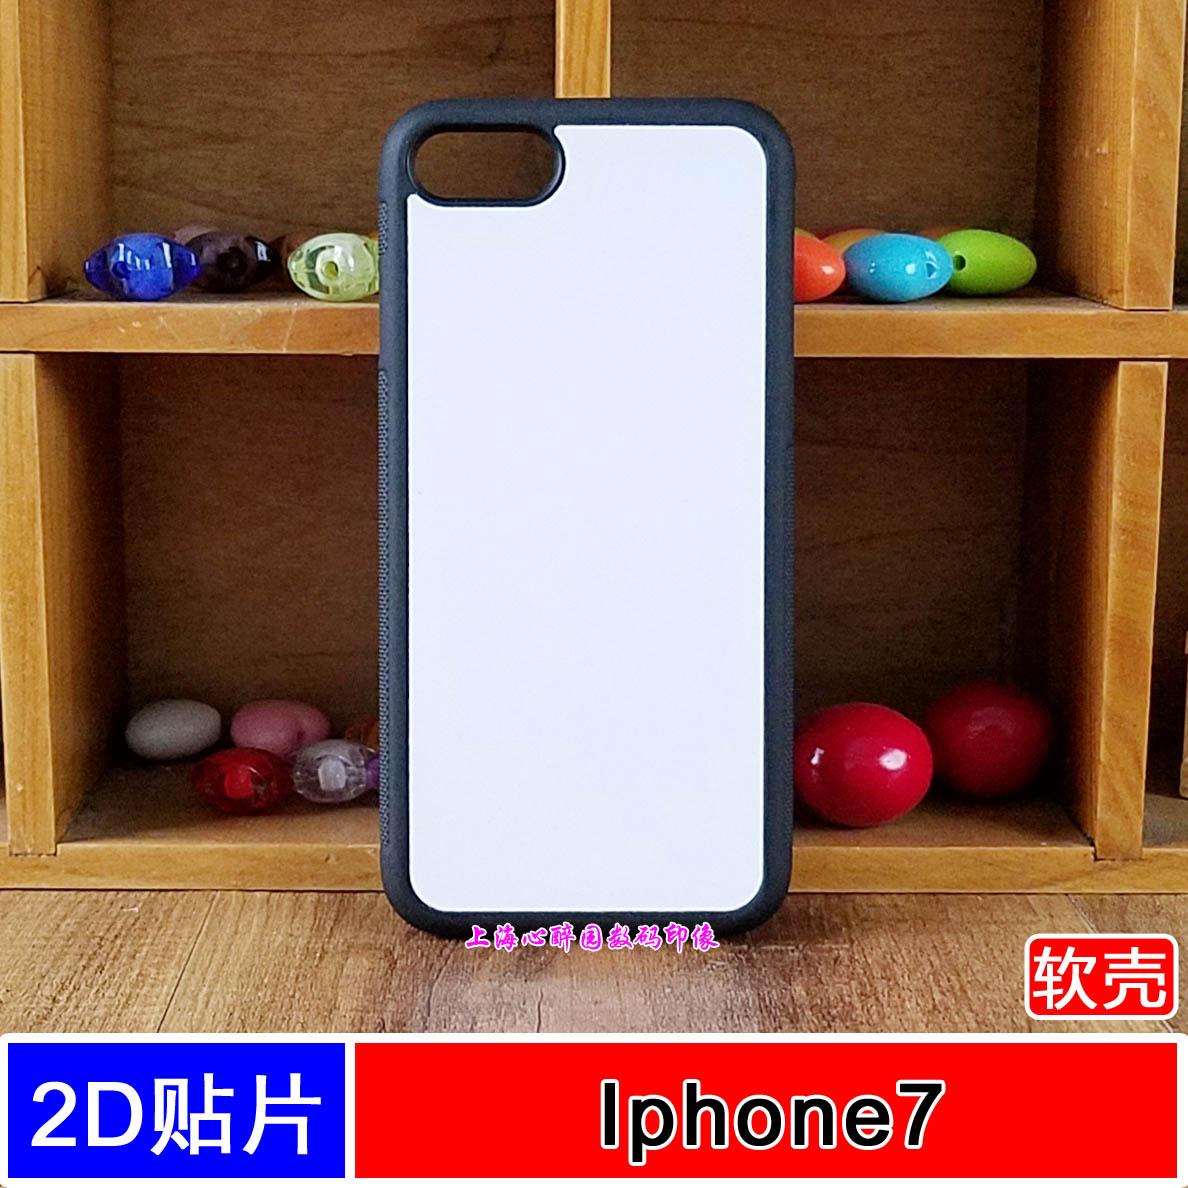 Apple, 7 мягкой оболочки с отверстием для шнурка термотрансферной оболочки мобильного телефона iphone7 силиконовые пустой белый Защитные оболочки полуфабрикатов расходных материалов